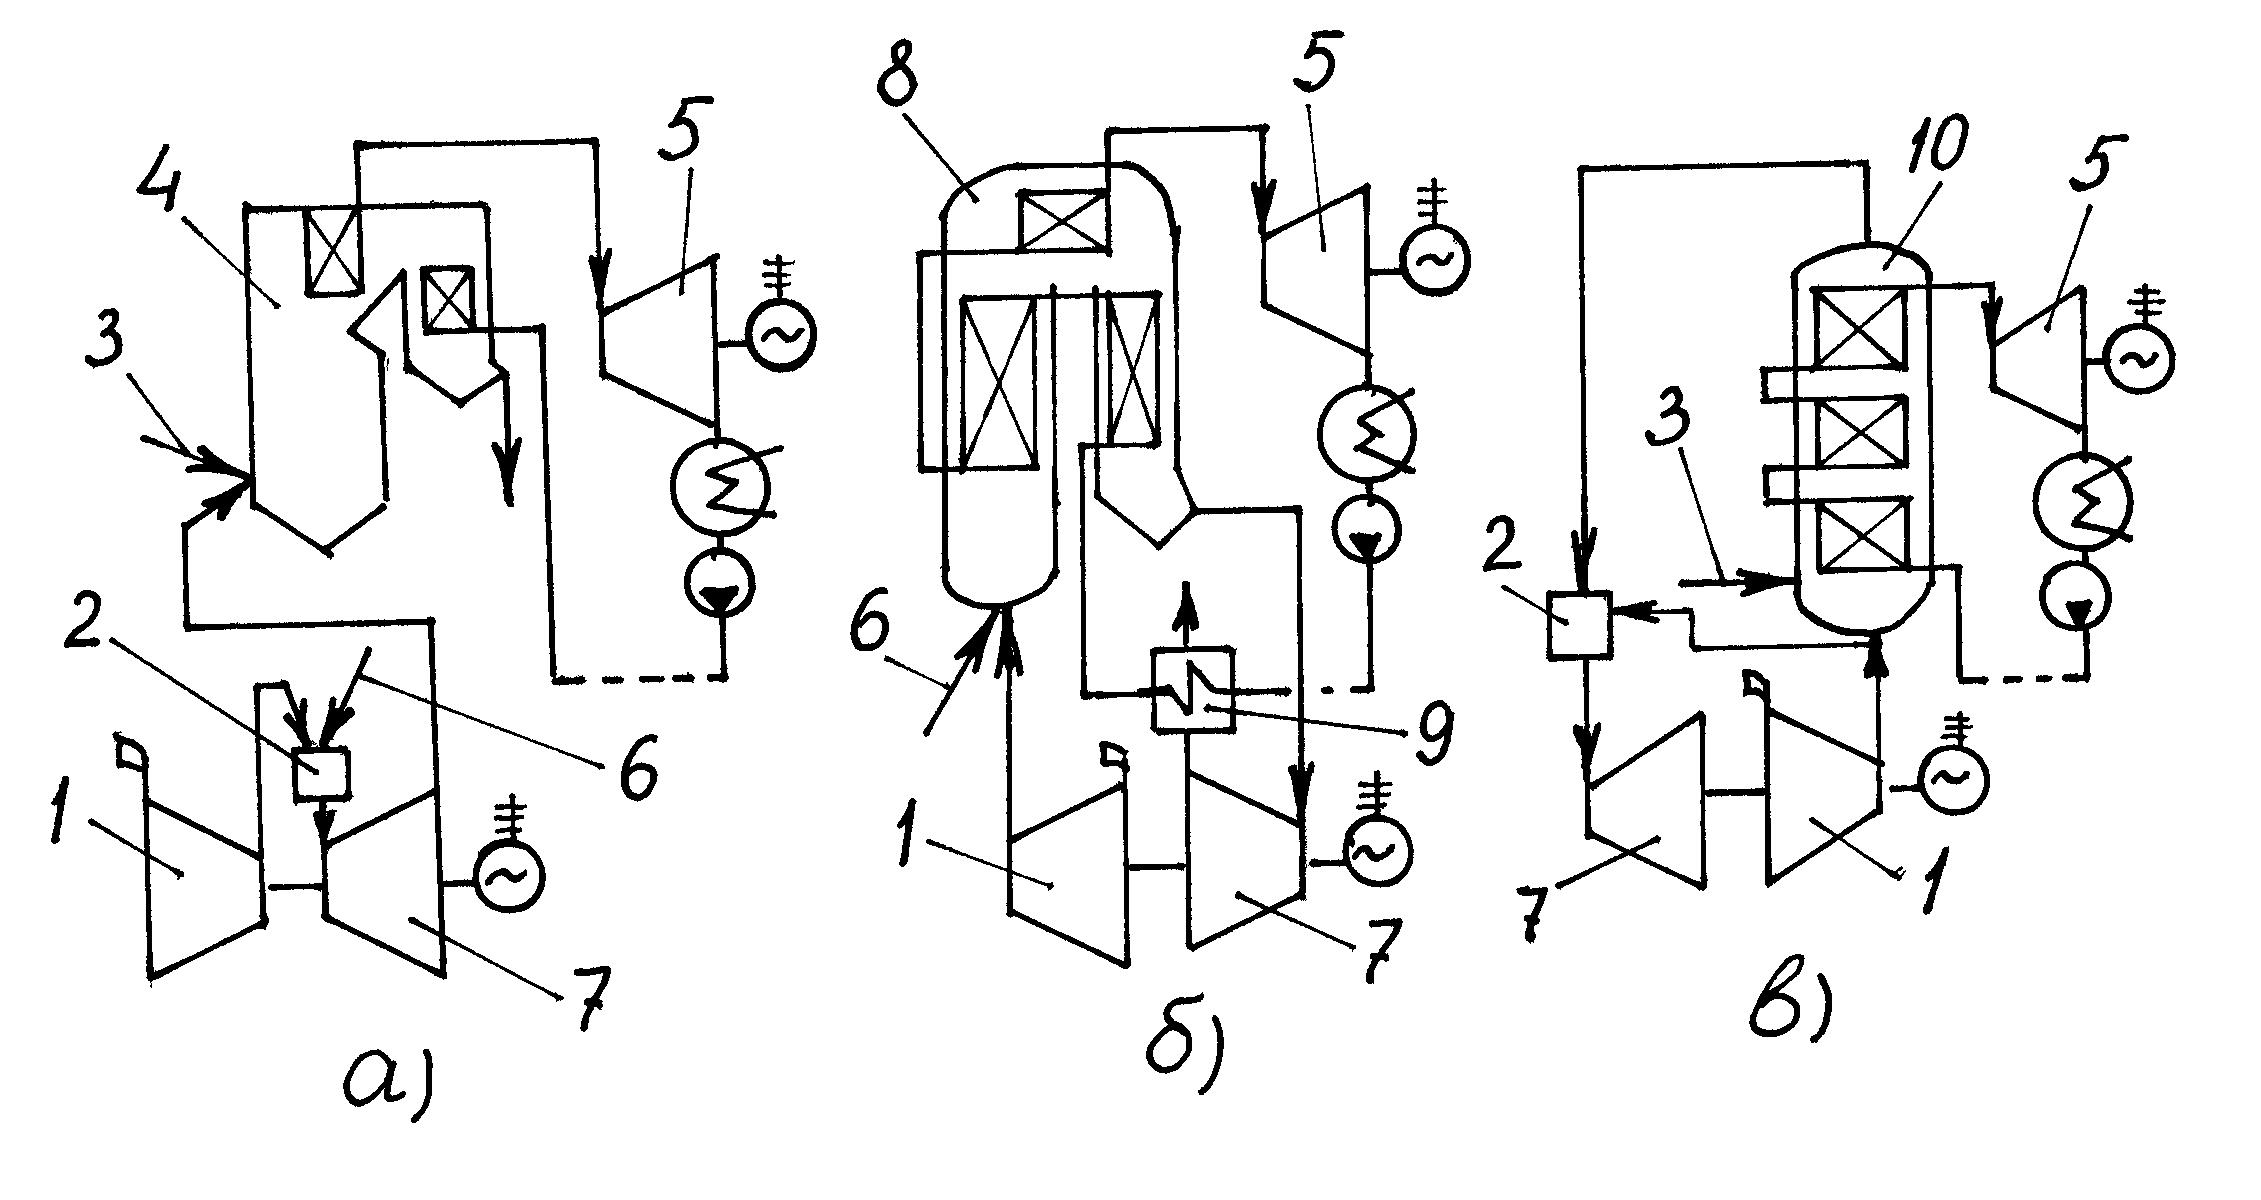 Схему пгу с высоконапорным парогенератором